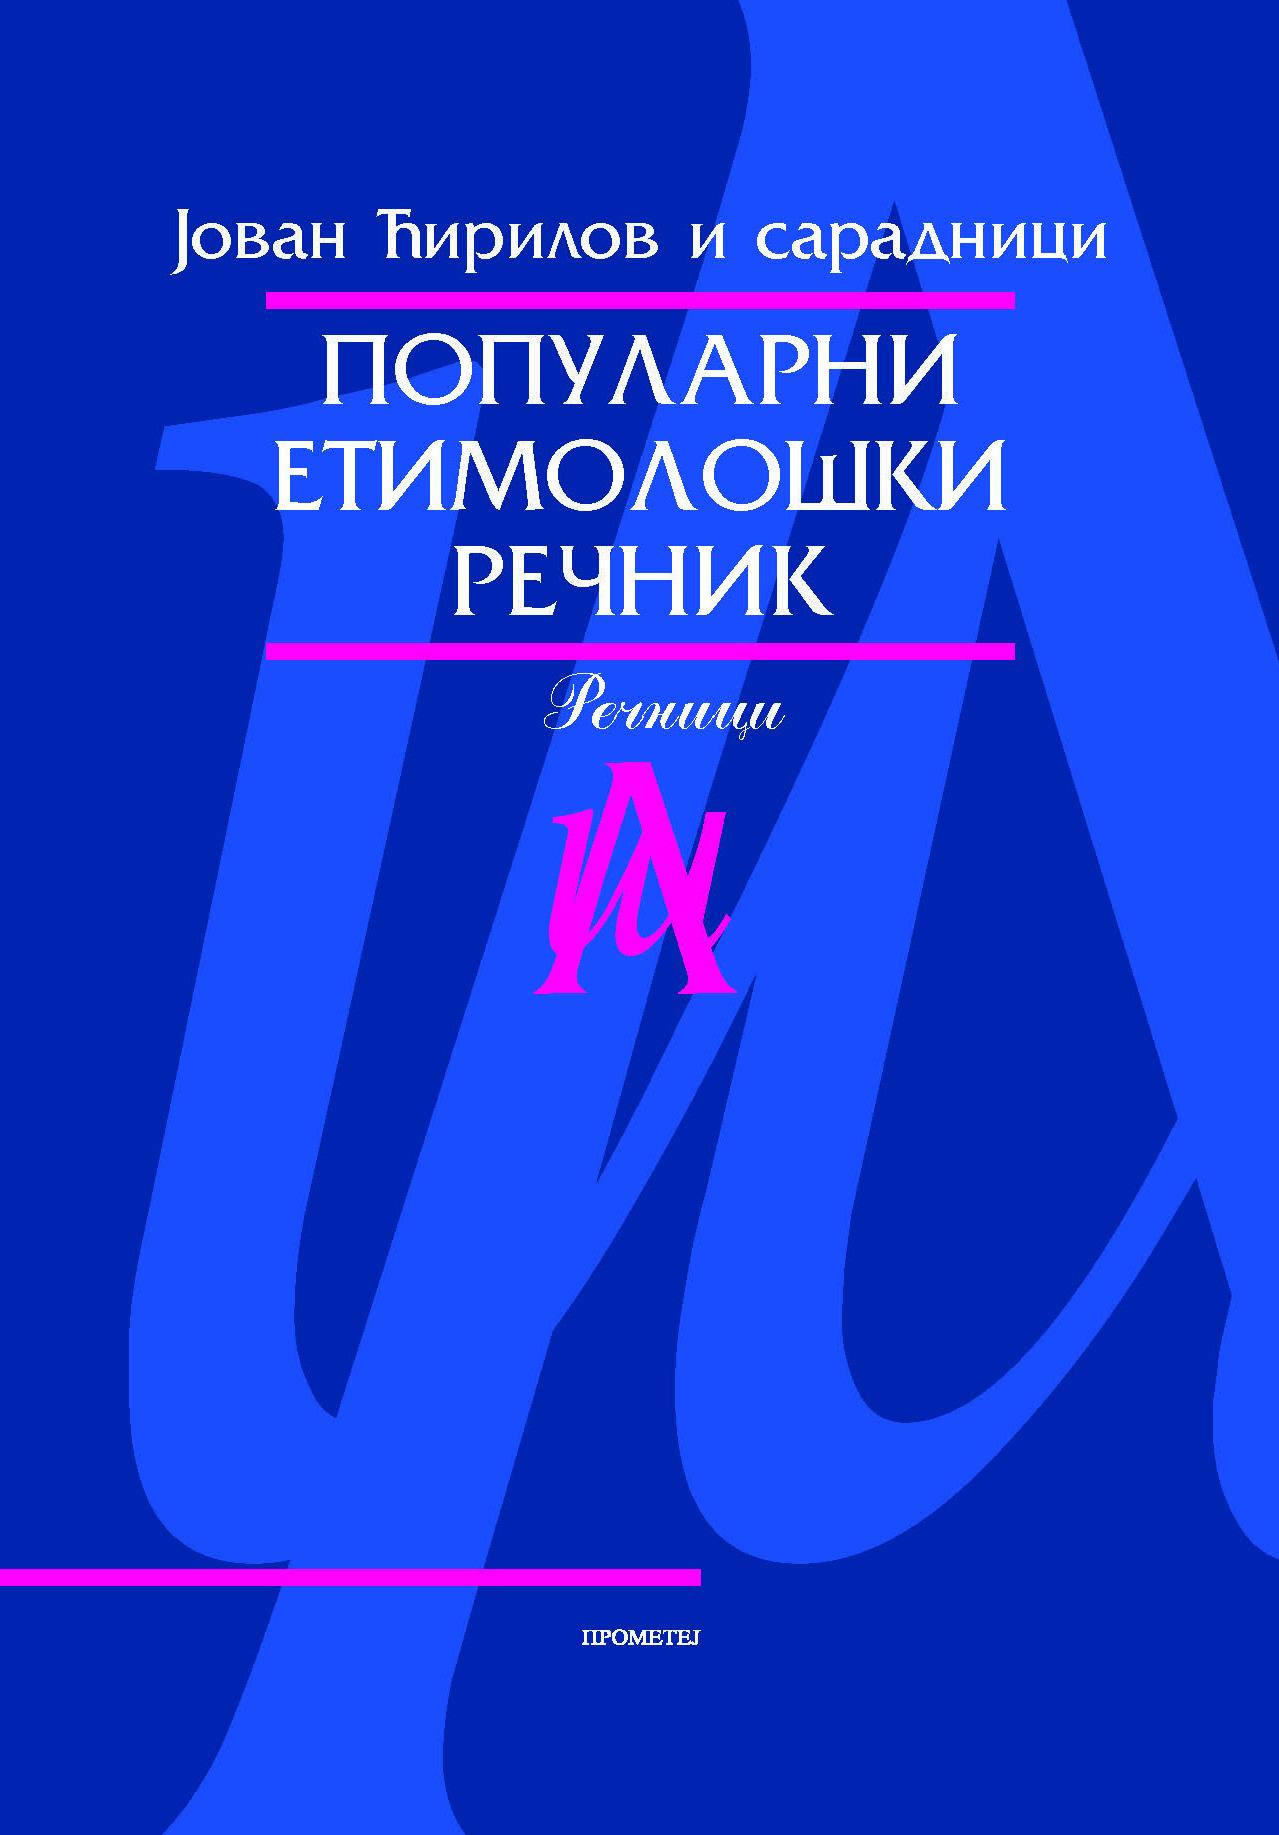 Популарни етимолошки речник – У ПРИПРЕМИ